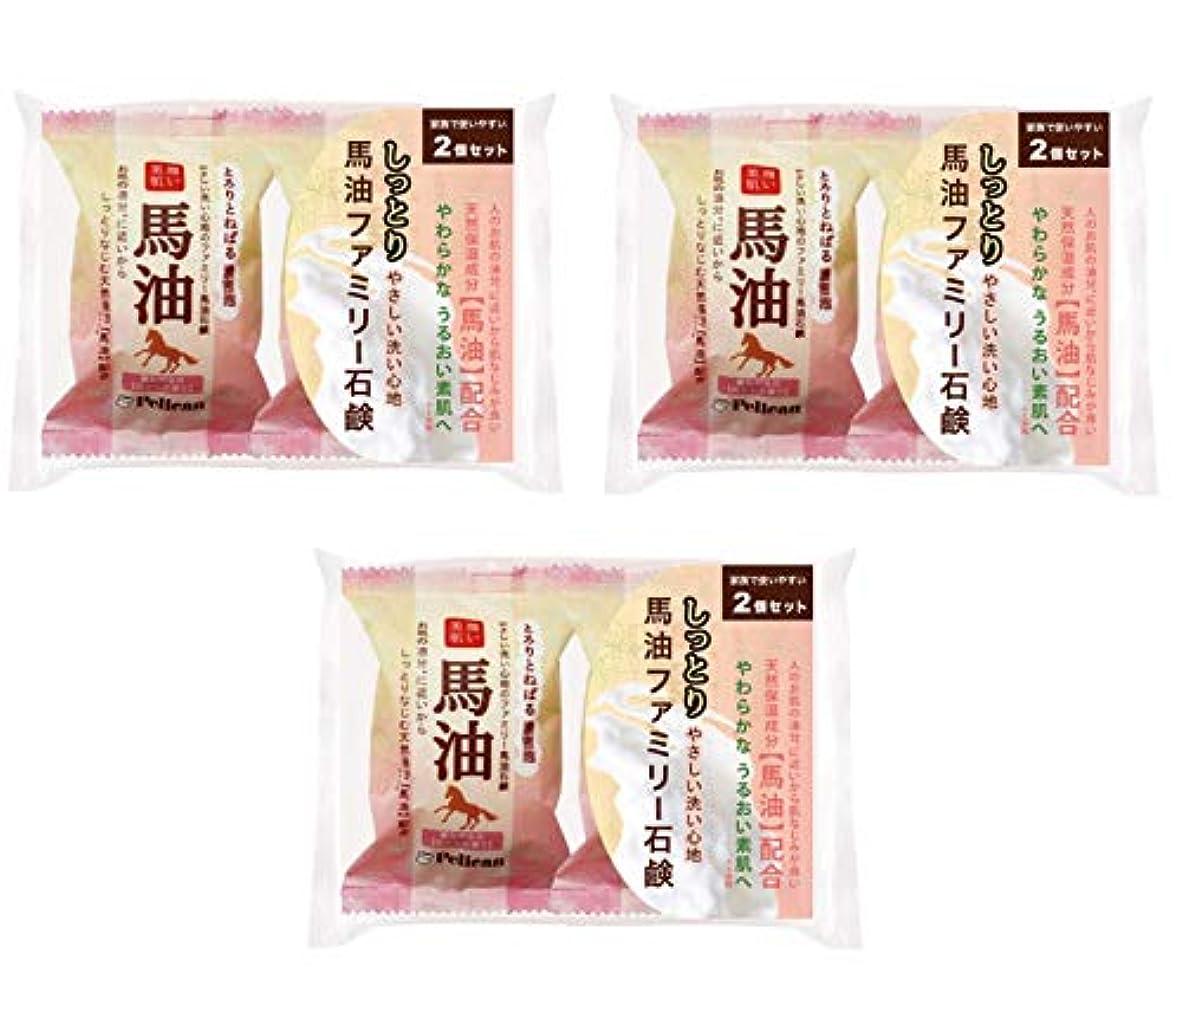 兄狂気十分です【まとめ買い】ペリカン石鹸 ファミリー 馬油石鹸 2P ×3個セット